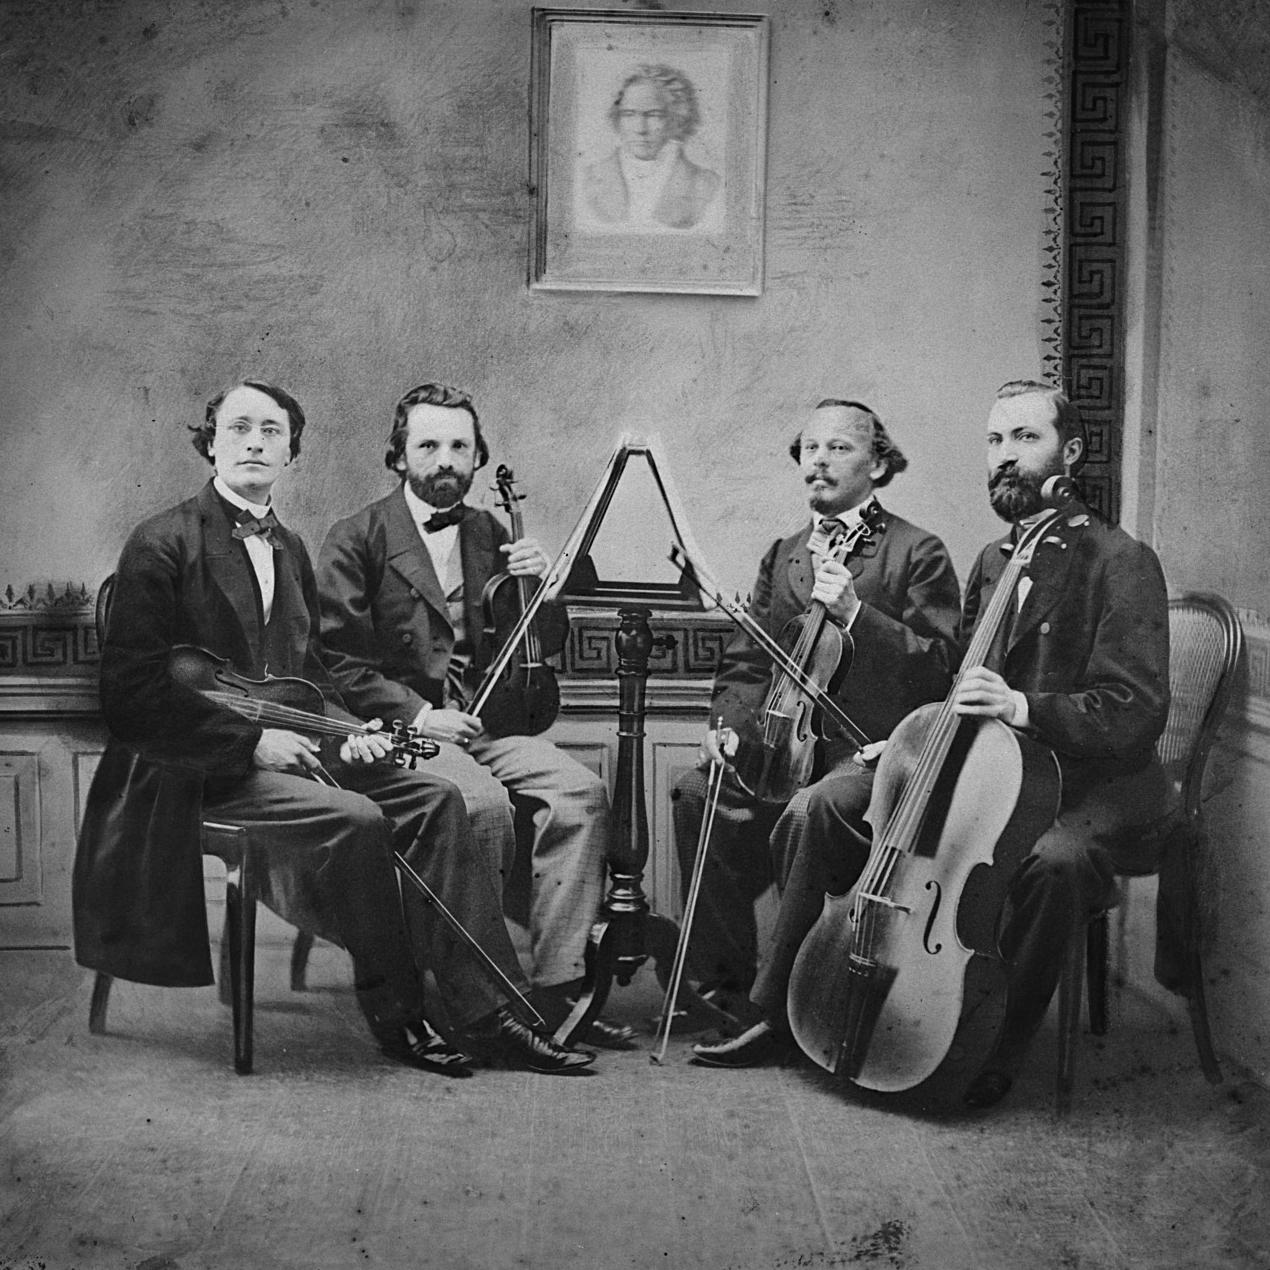 Lauterbach-Quartett der Dresdner Hofkapelle mit J. Ch. Lauterbach, F. Hüllweck, L. Göring und F. Grützmacher. Bemalte Montage nach der Fotografie von F. Edlich (Dresden, ab 1862).